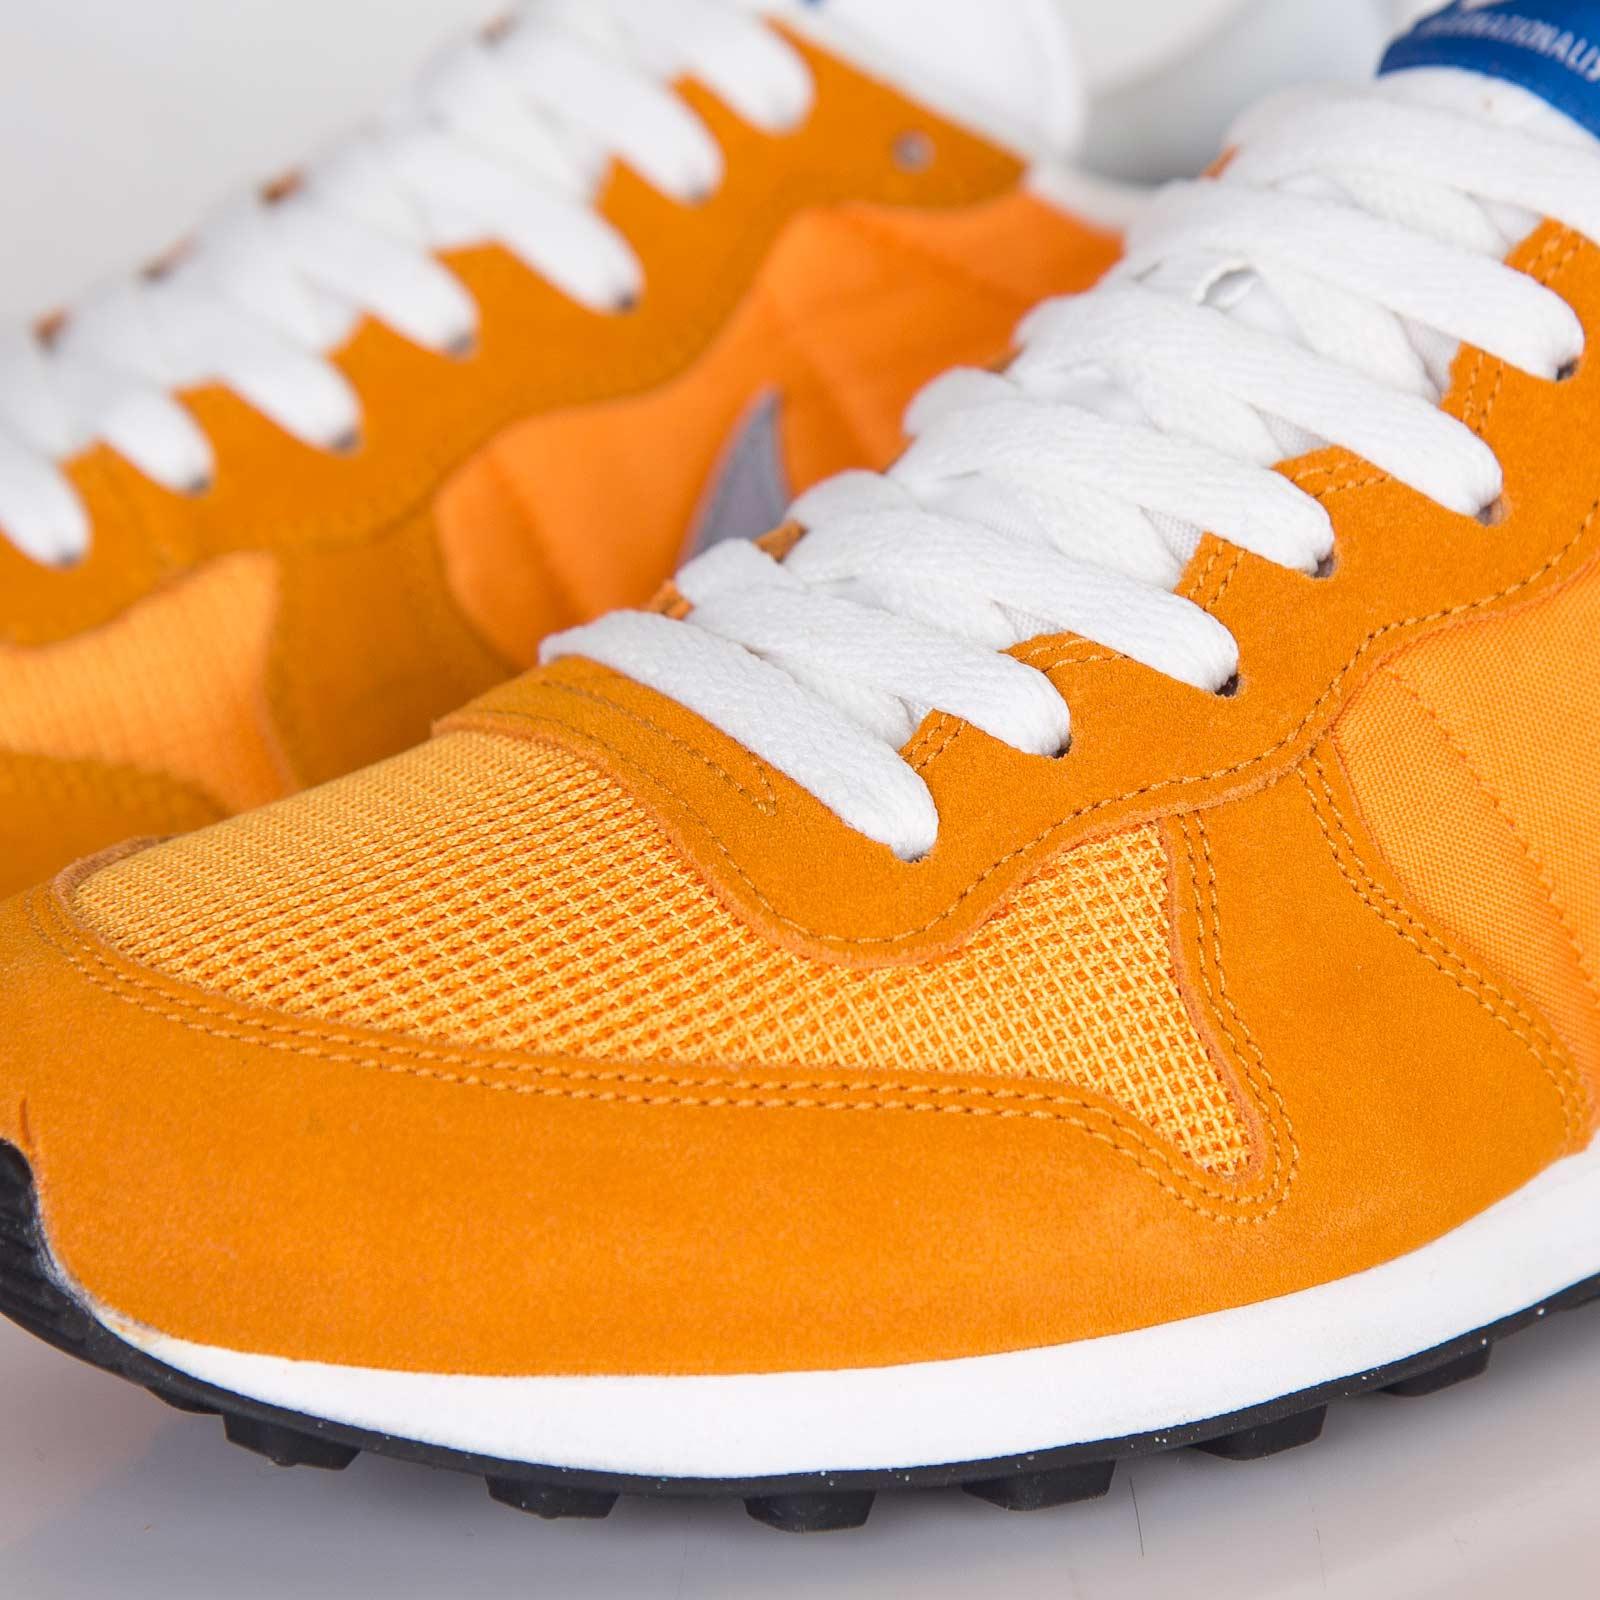 new style 8cc3b e1833 Nike Internationalist - 631754-800 - Sneakersnstuff   sneakers   streetwear  online since 1999